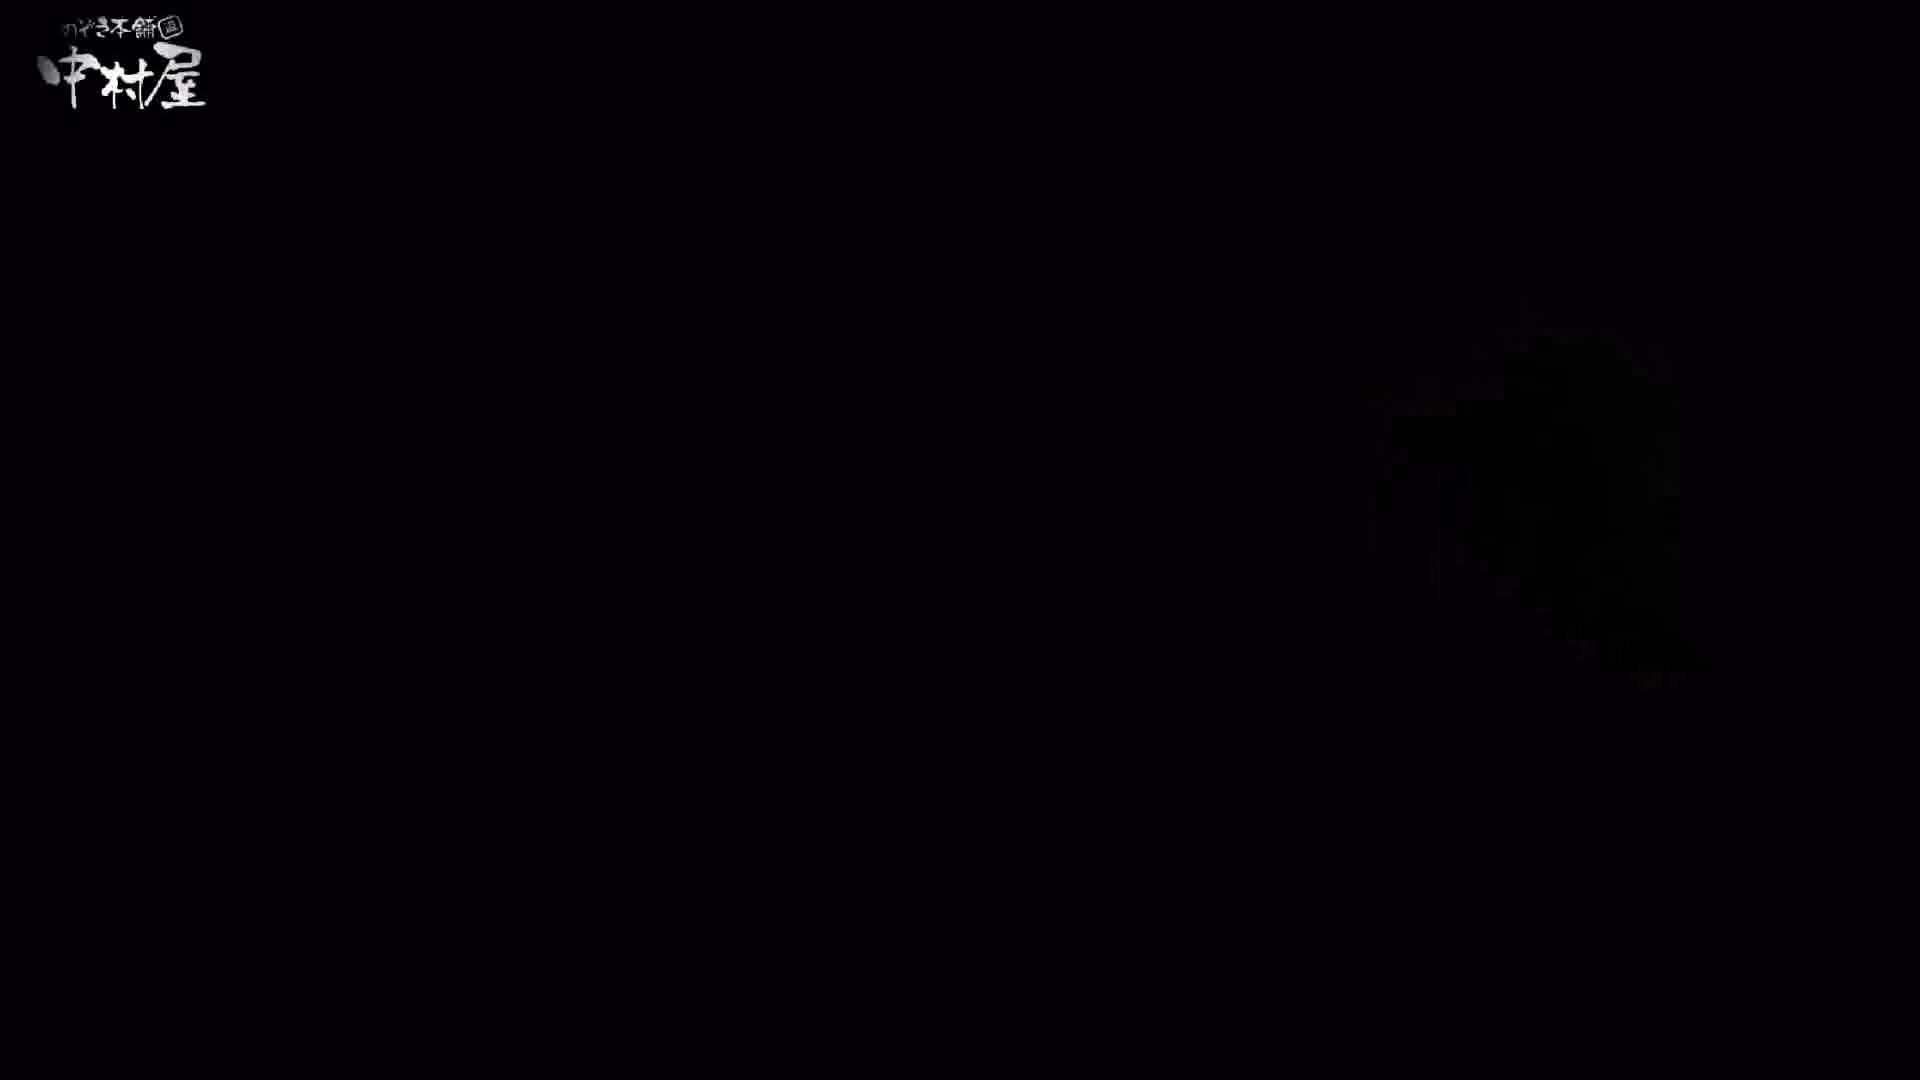 民家風呂専門盗撮師の超危険映像 vol.017 OLセックス 覗きオメコ動画キャプチャ 87画像 20